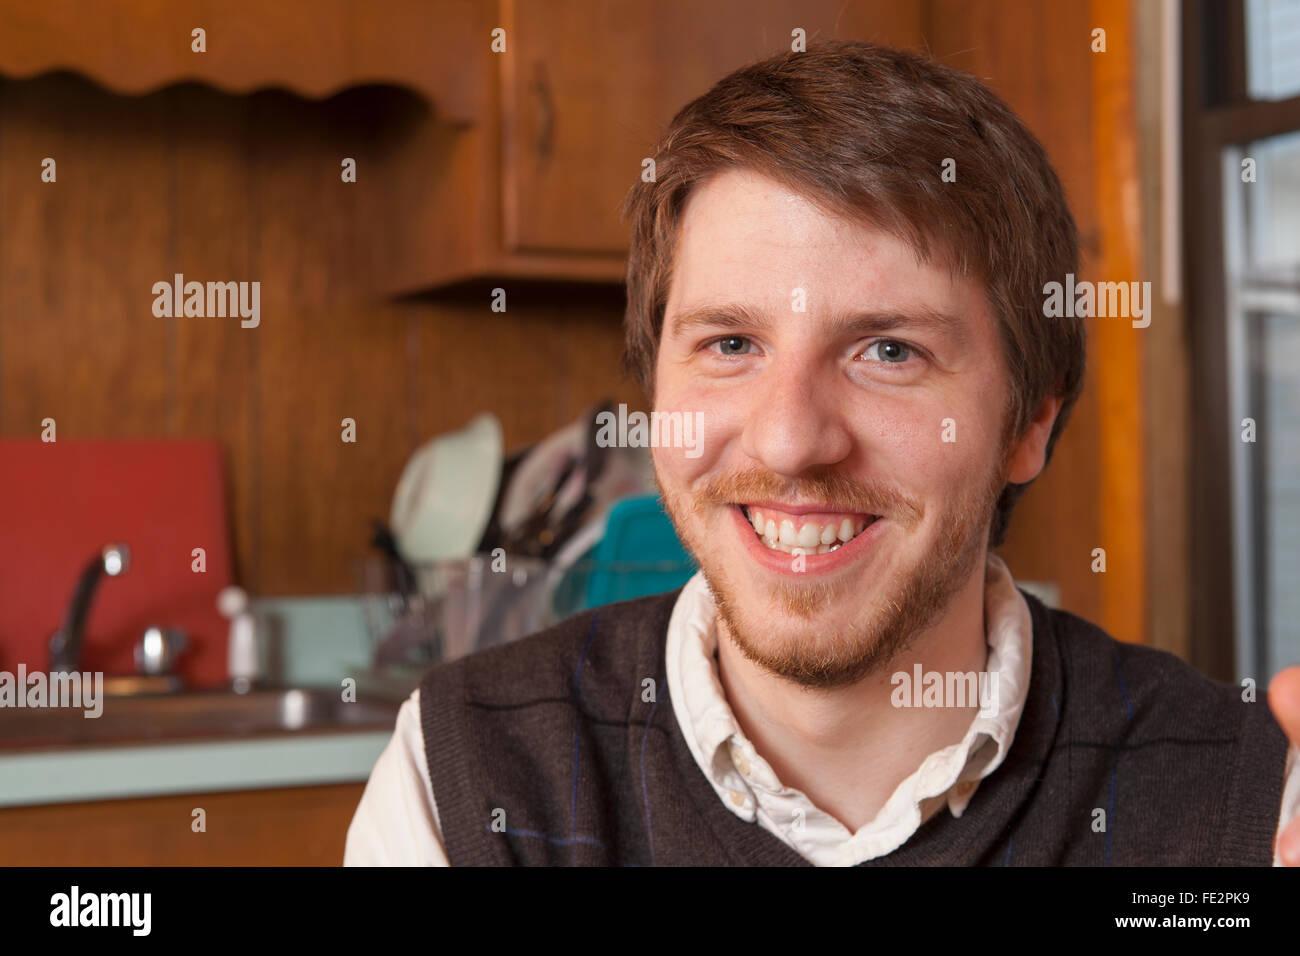 Blinde Jüngling in seiner Küche sitzen und Lächeln Stockbild